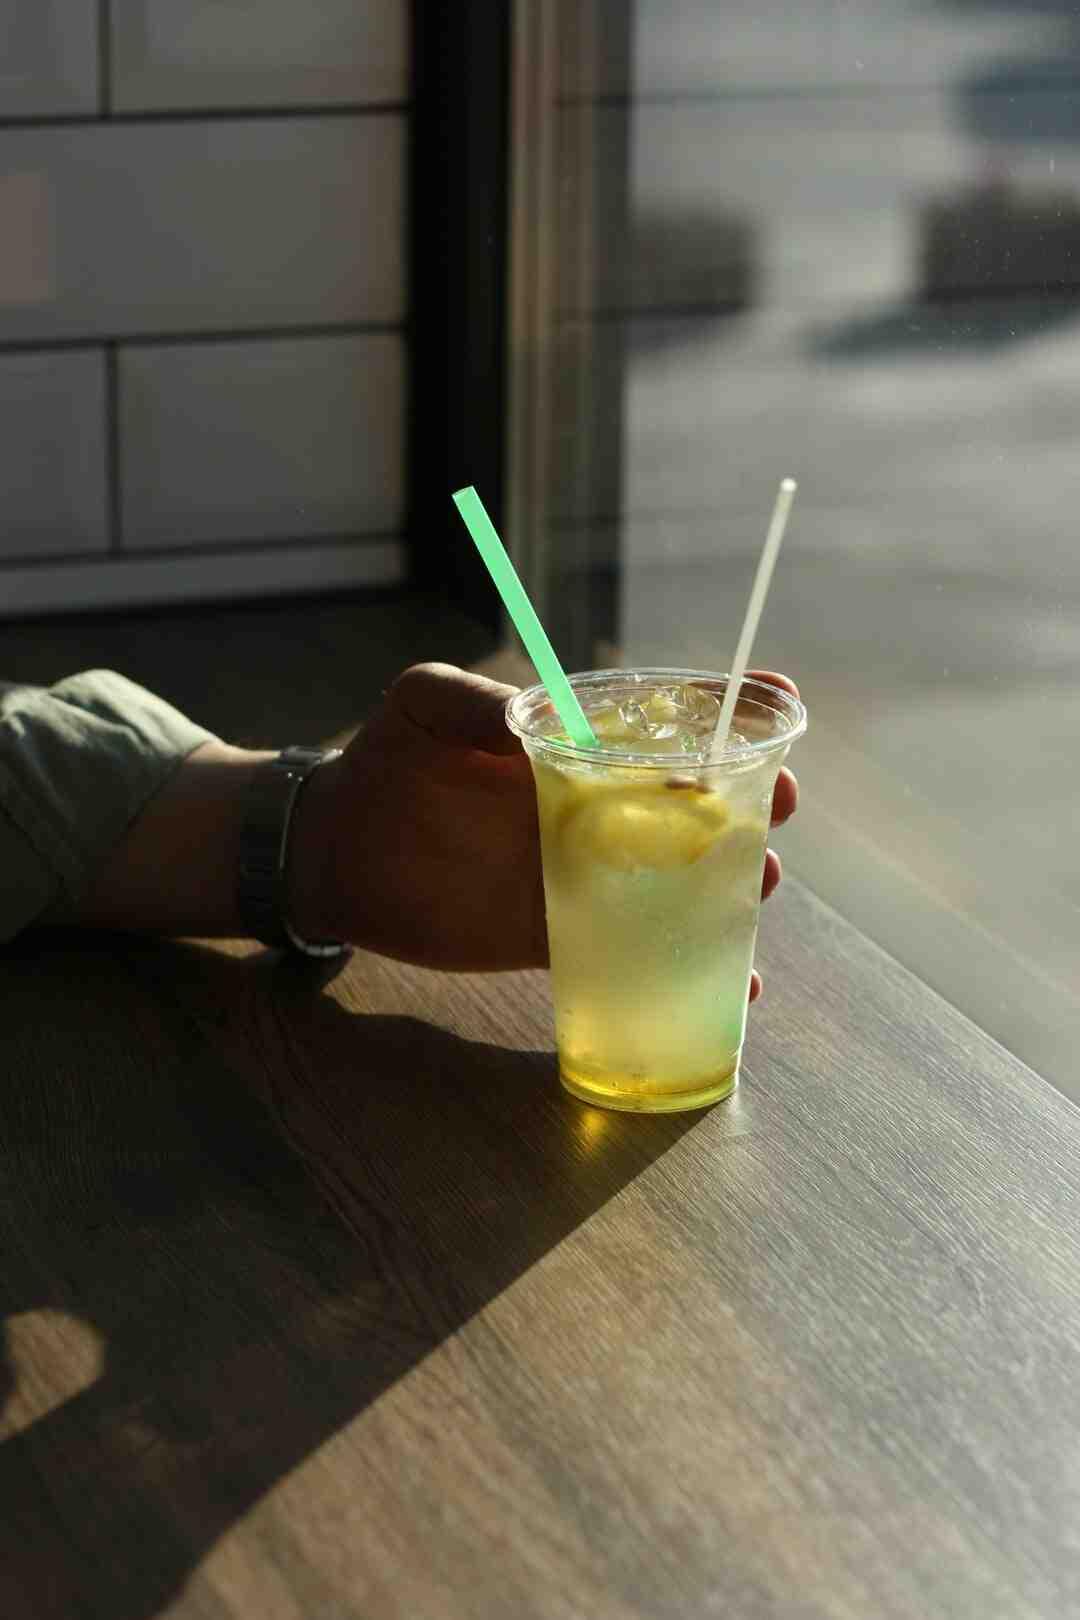 Qui A-t-il dans la limonade ?